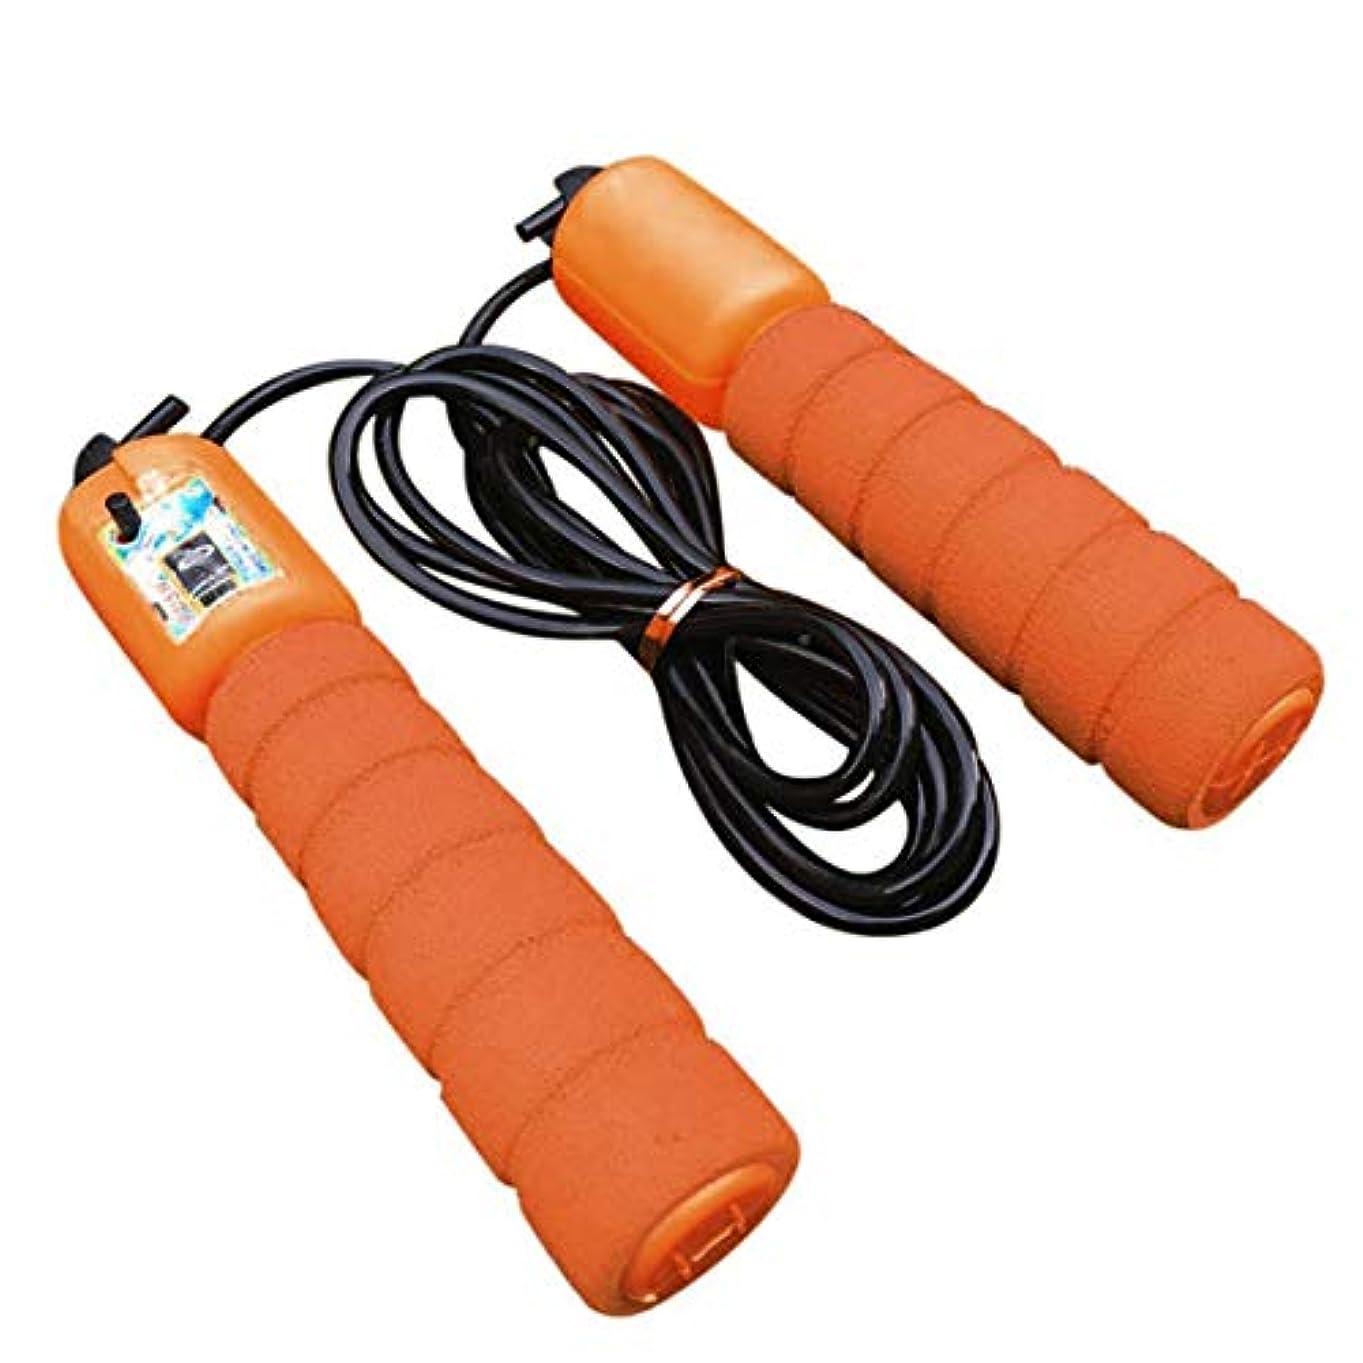 略す打撃知覚する調整可能なプロのカウント縄跳び自動カウントジャンプロープフィットネス運動高速カウントジャンプロープ - オレンジ